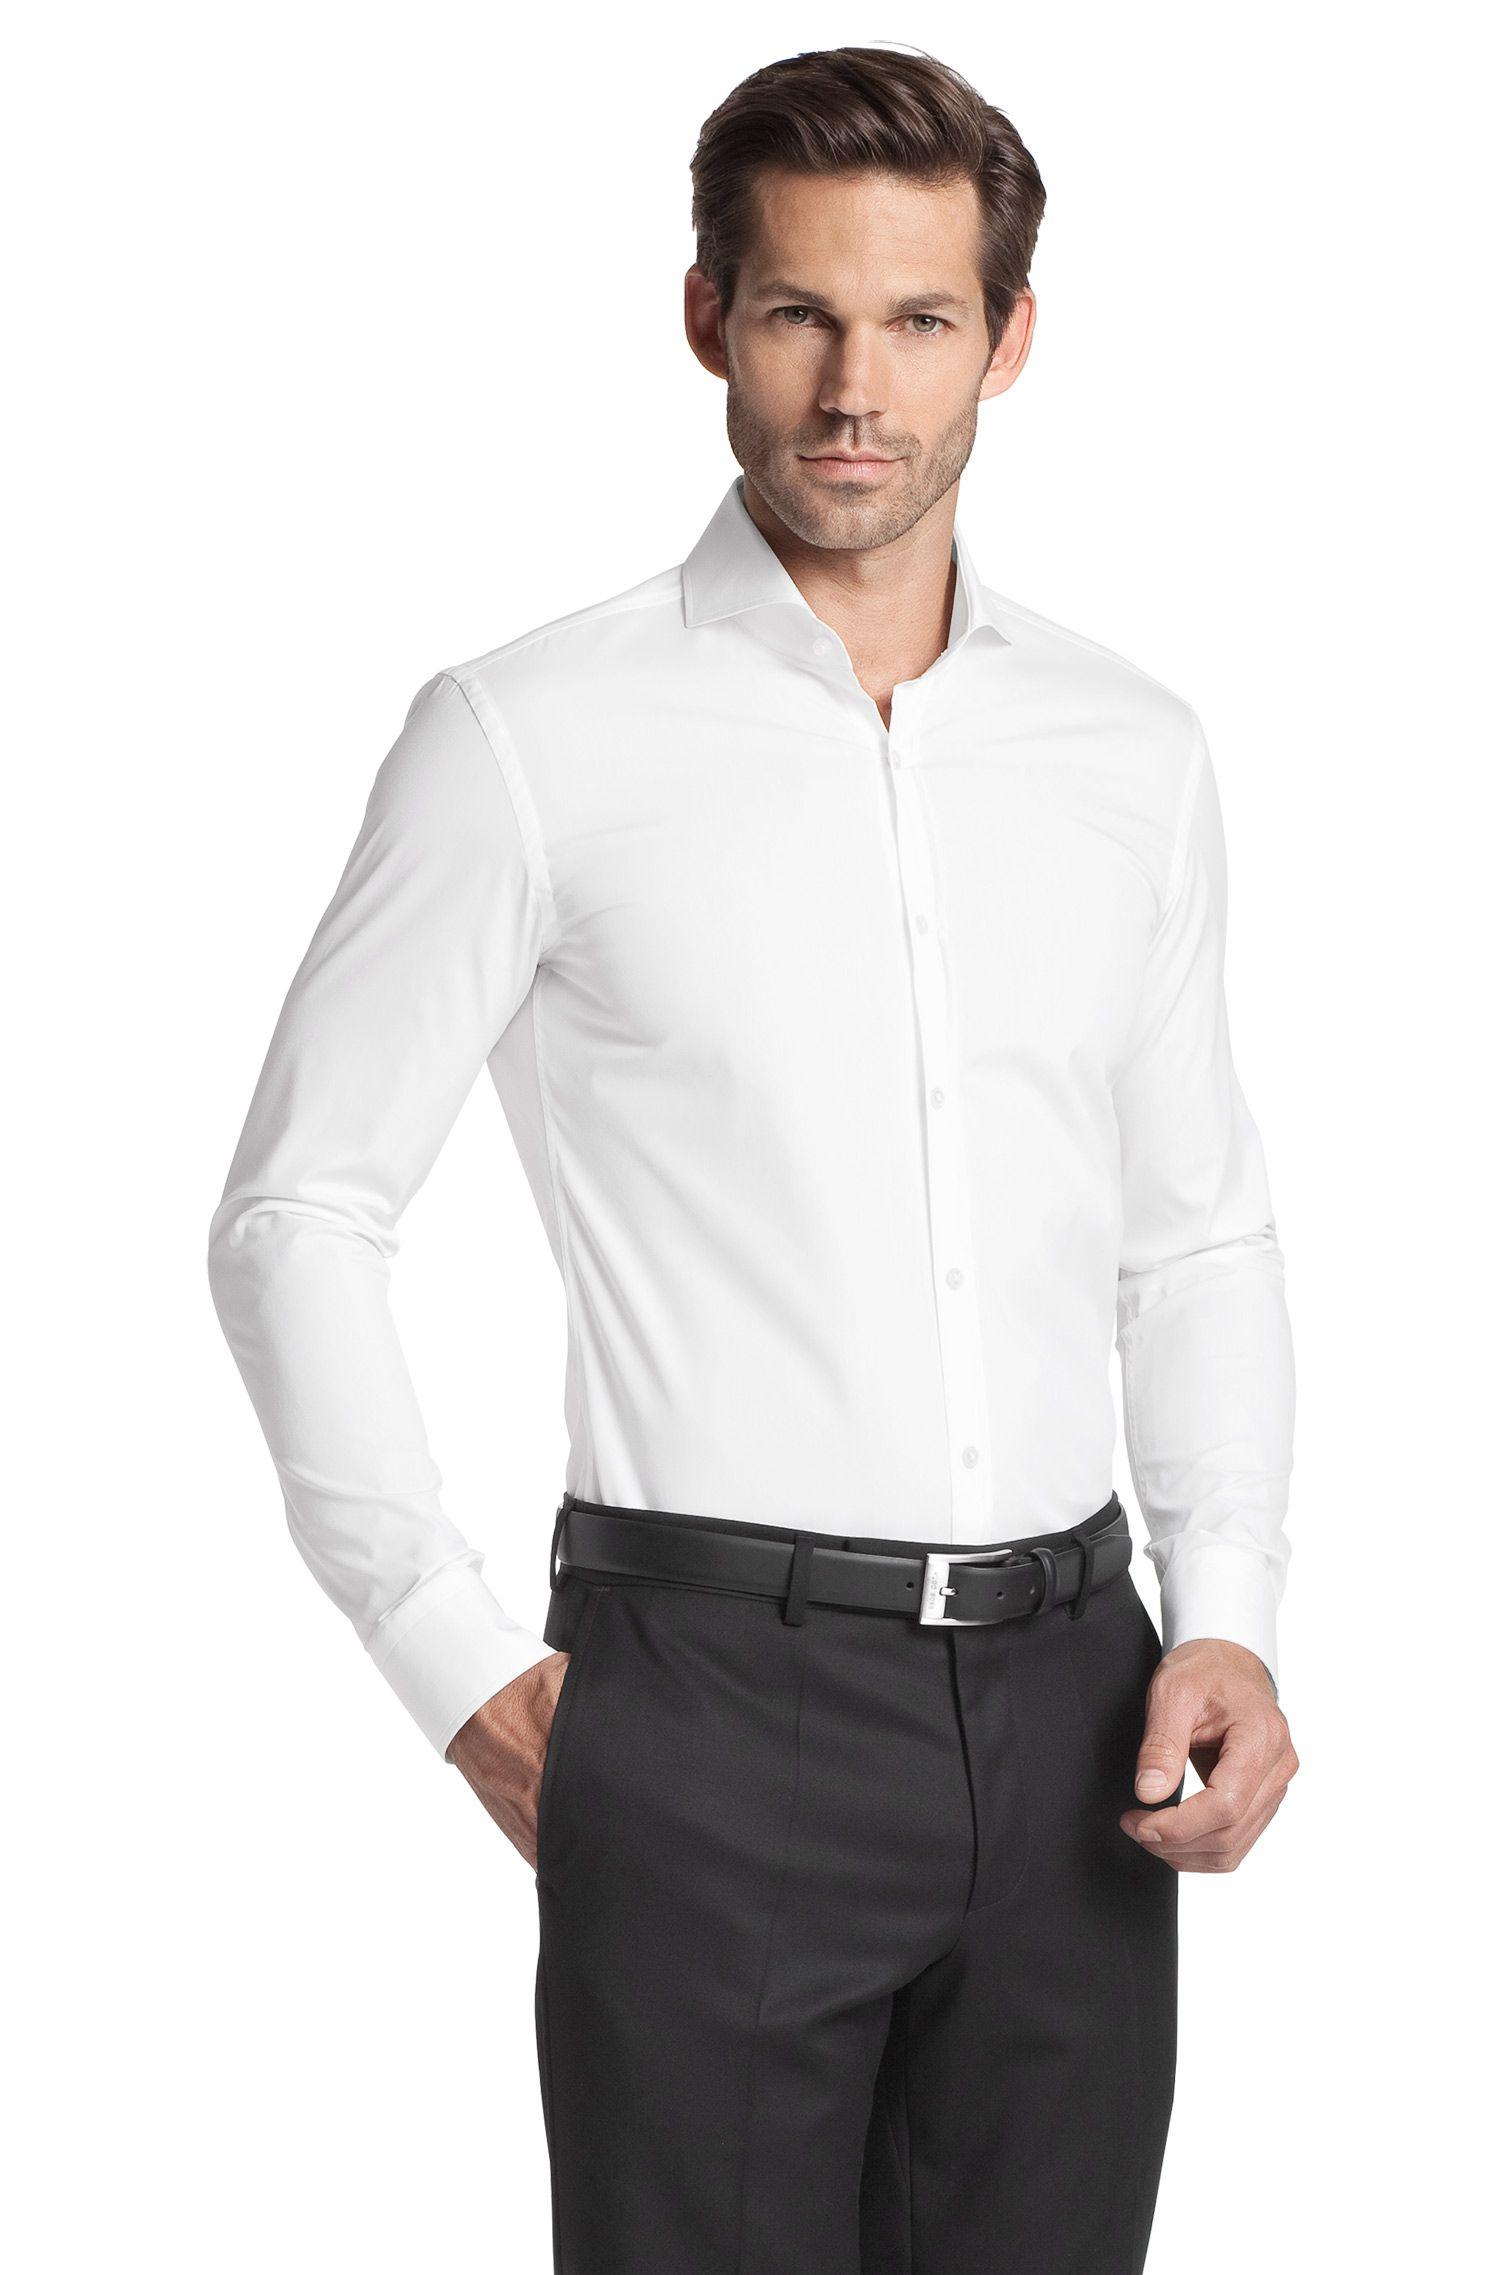 Business-overhemd ´Helge` met cutaway-kraag